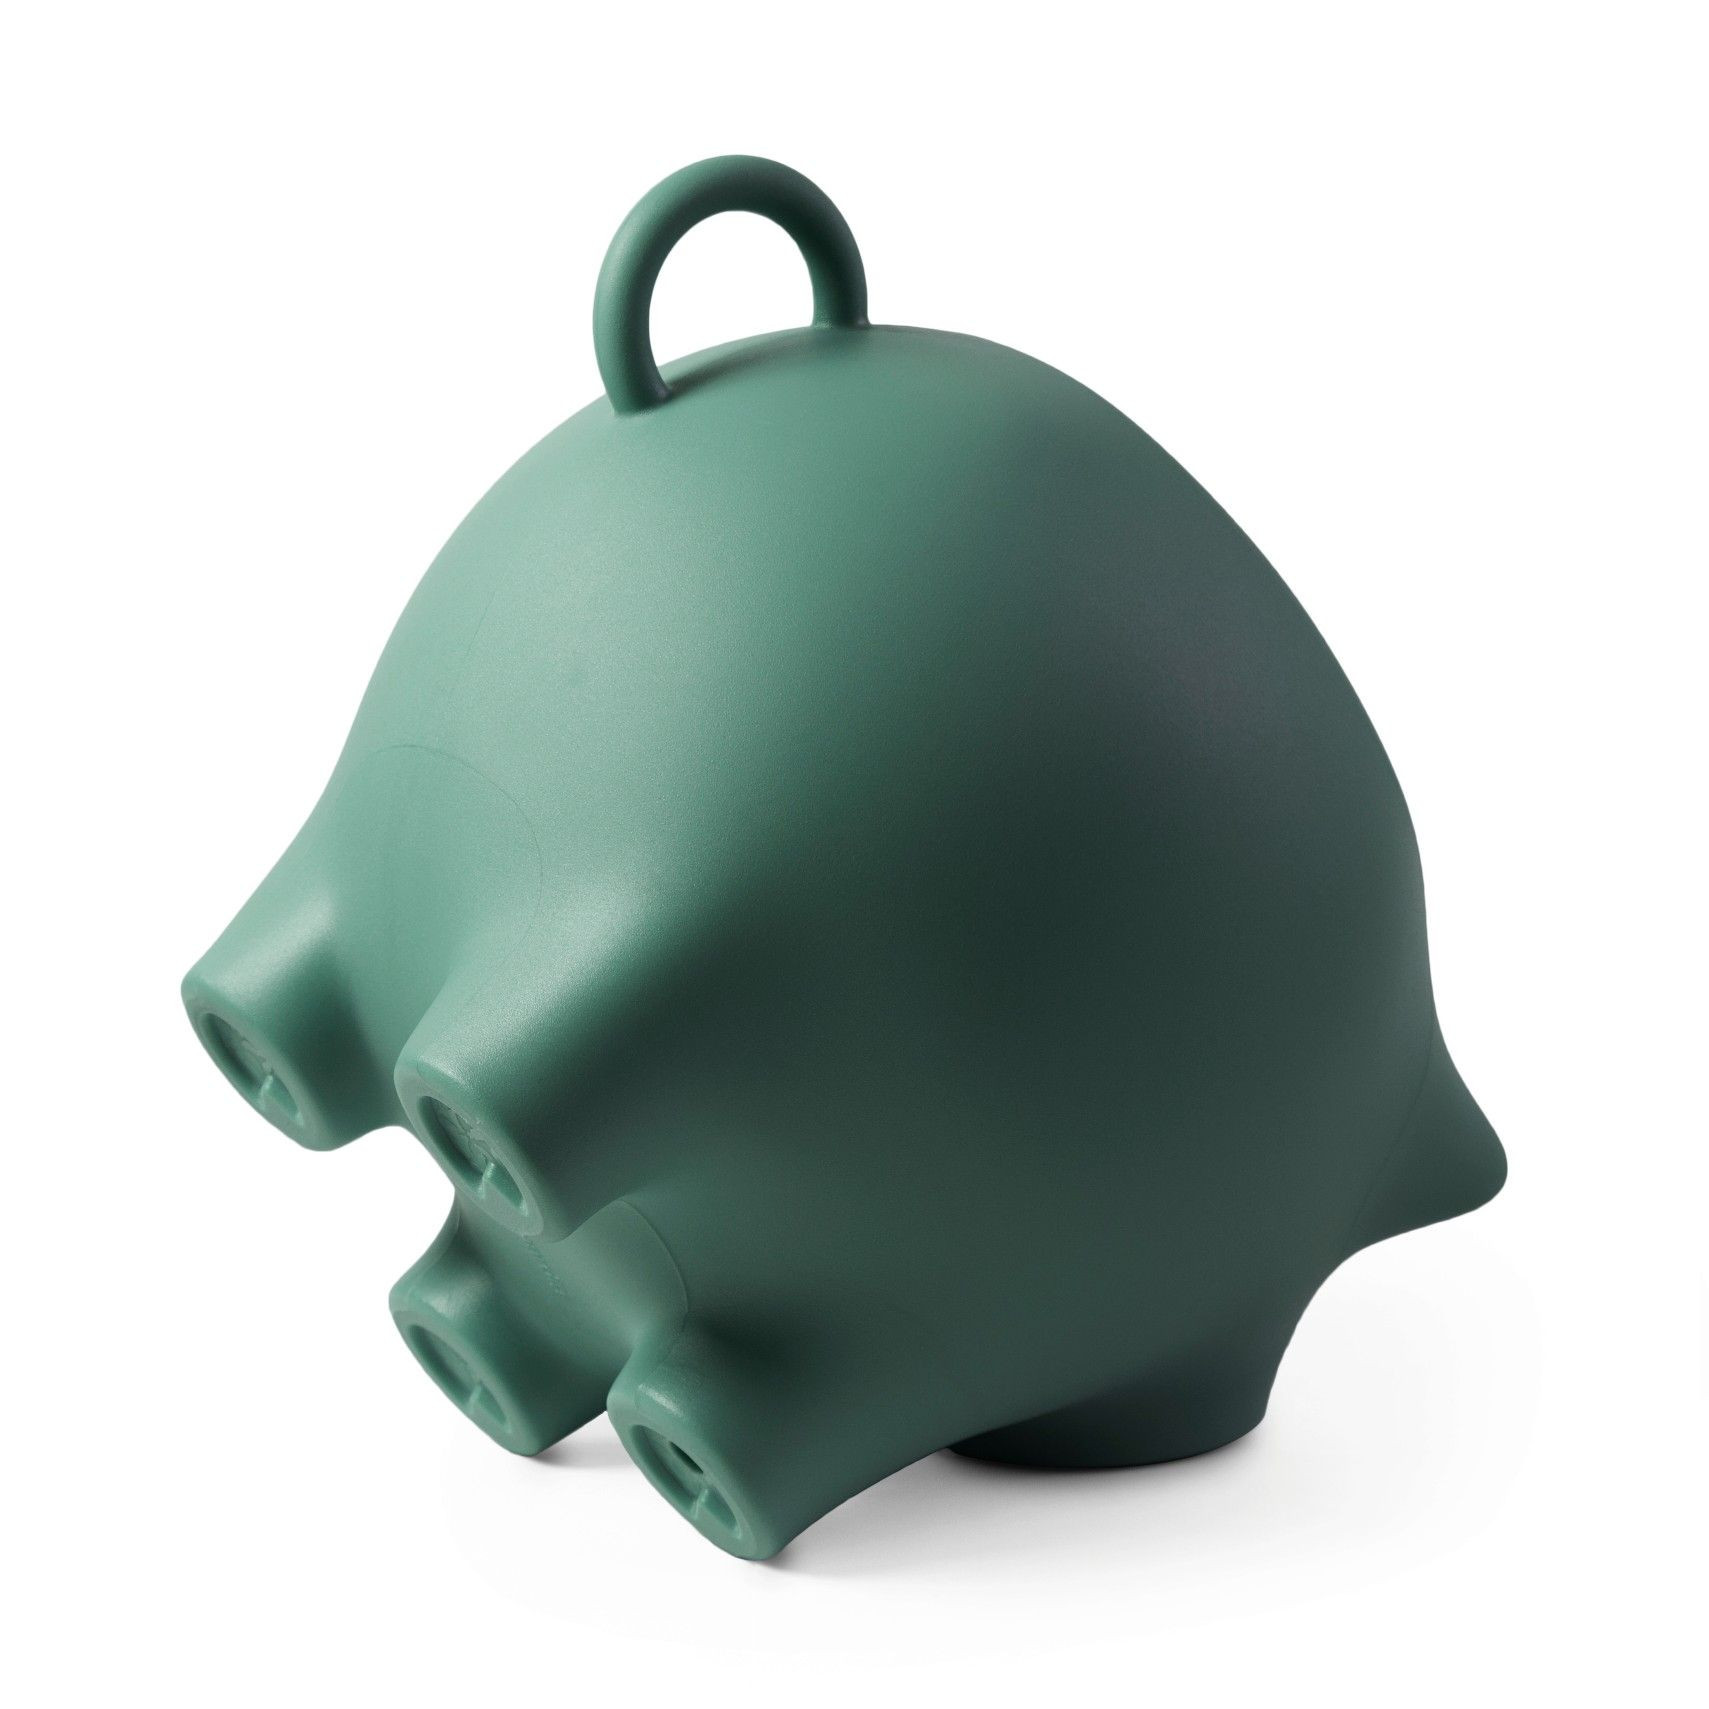 Beistelltisch Sidepig   Seagreen